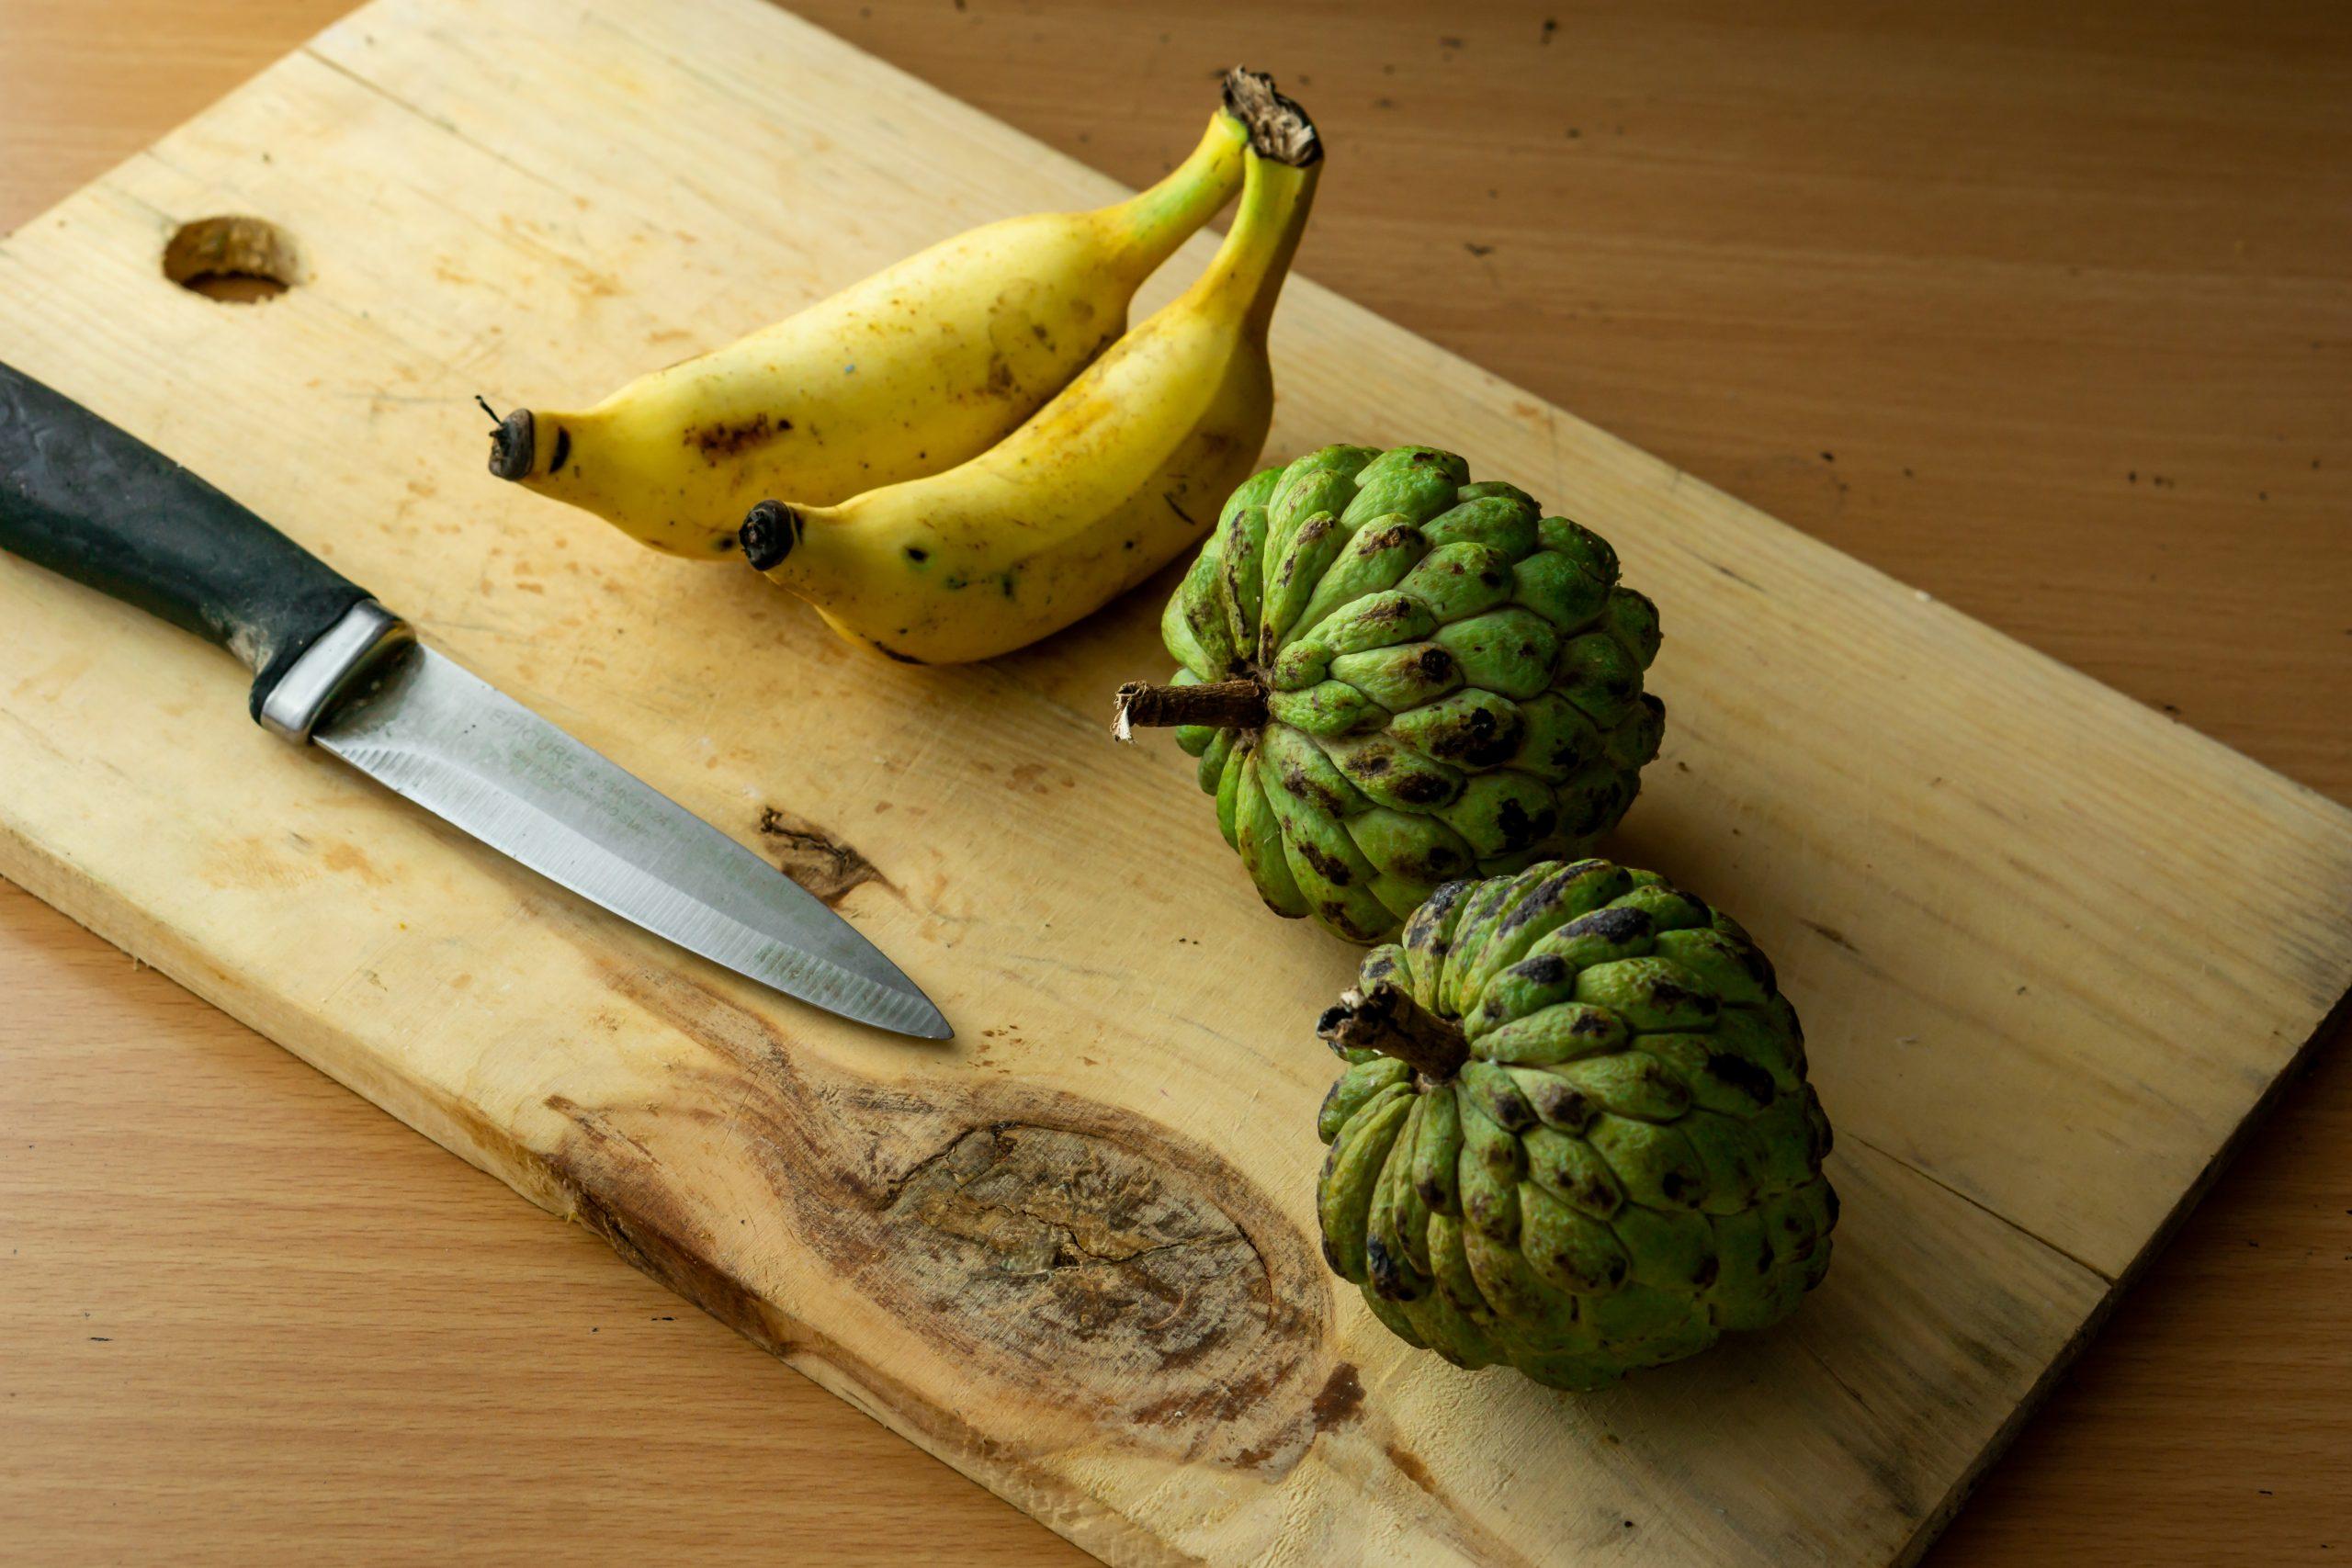 Healthy Sugar-apple and banana fruits